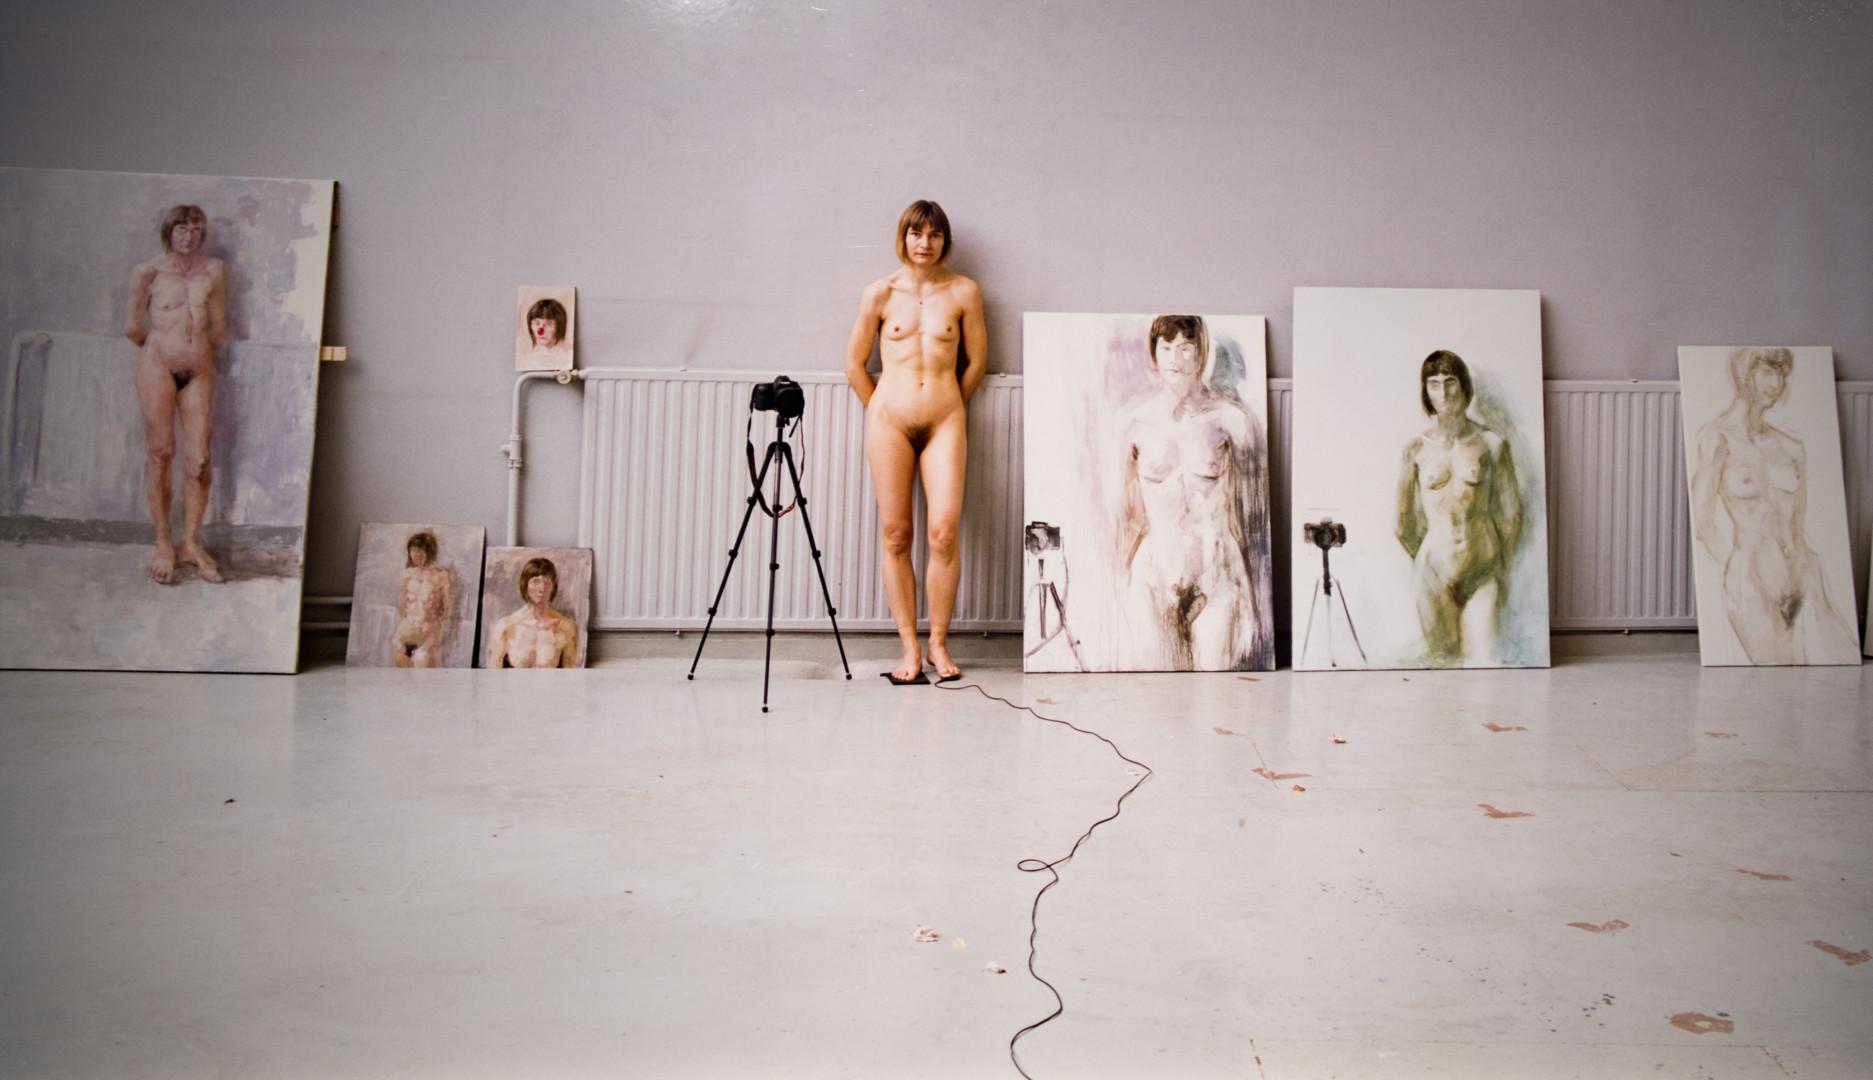 french artist exposition at hundertwasser house